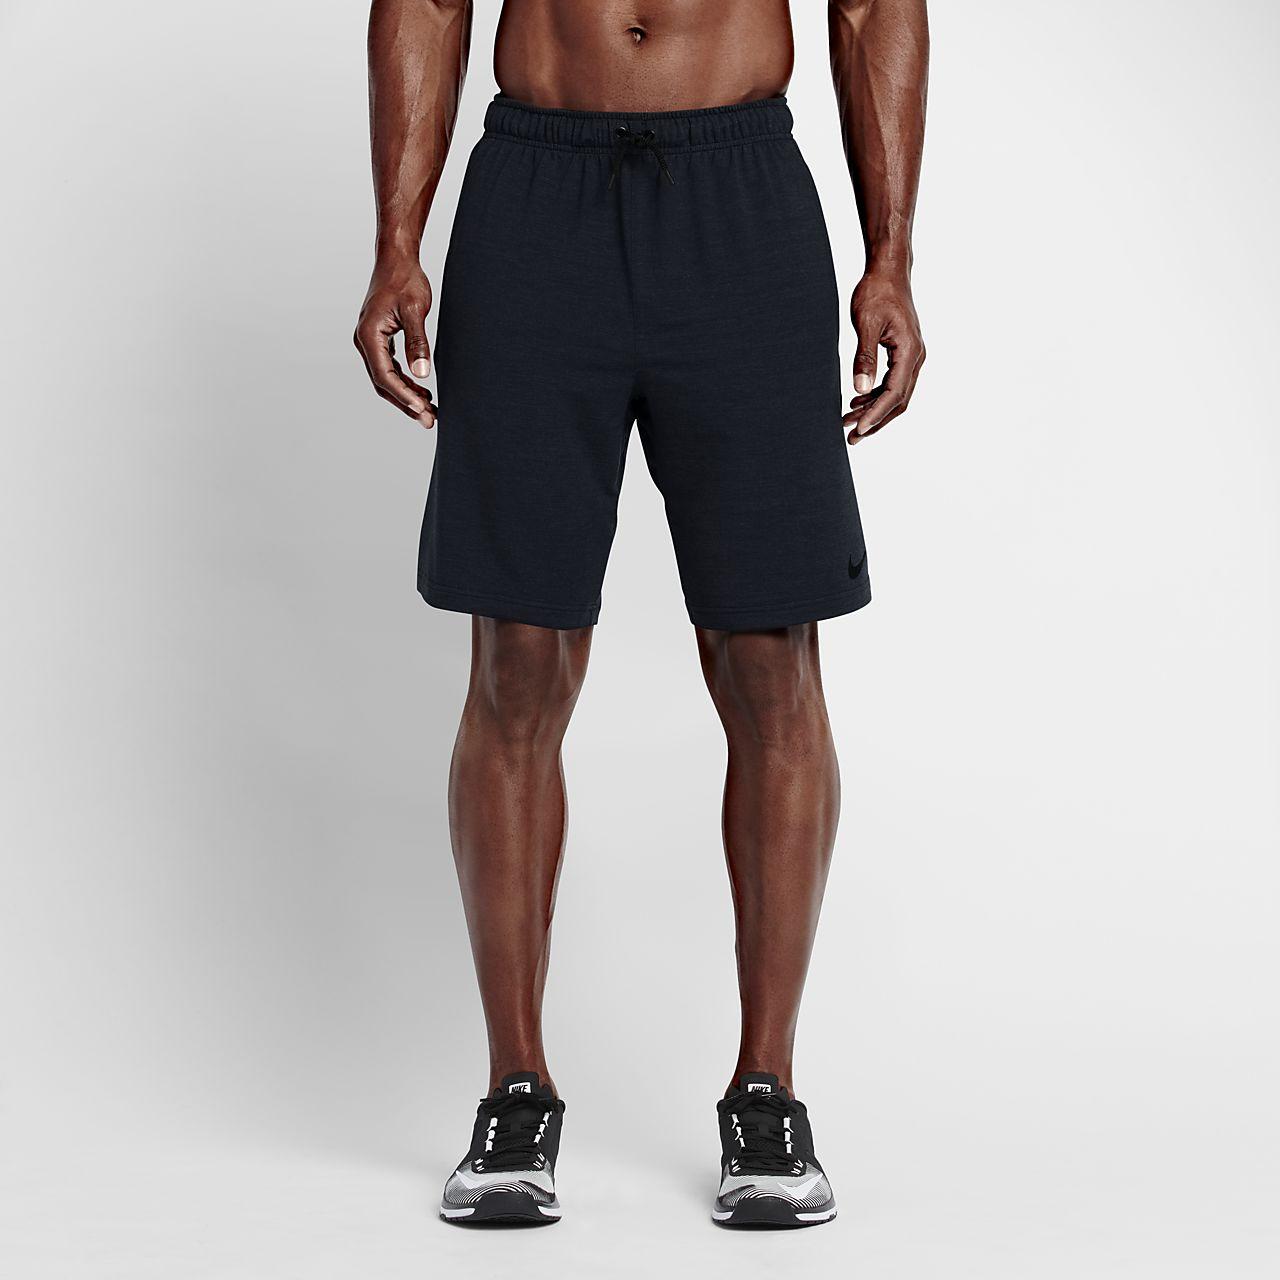 กางเกงเทรนนิ่งขาสั้นผ้าฟลีซผู้ชาย Nike Dri-FIT